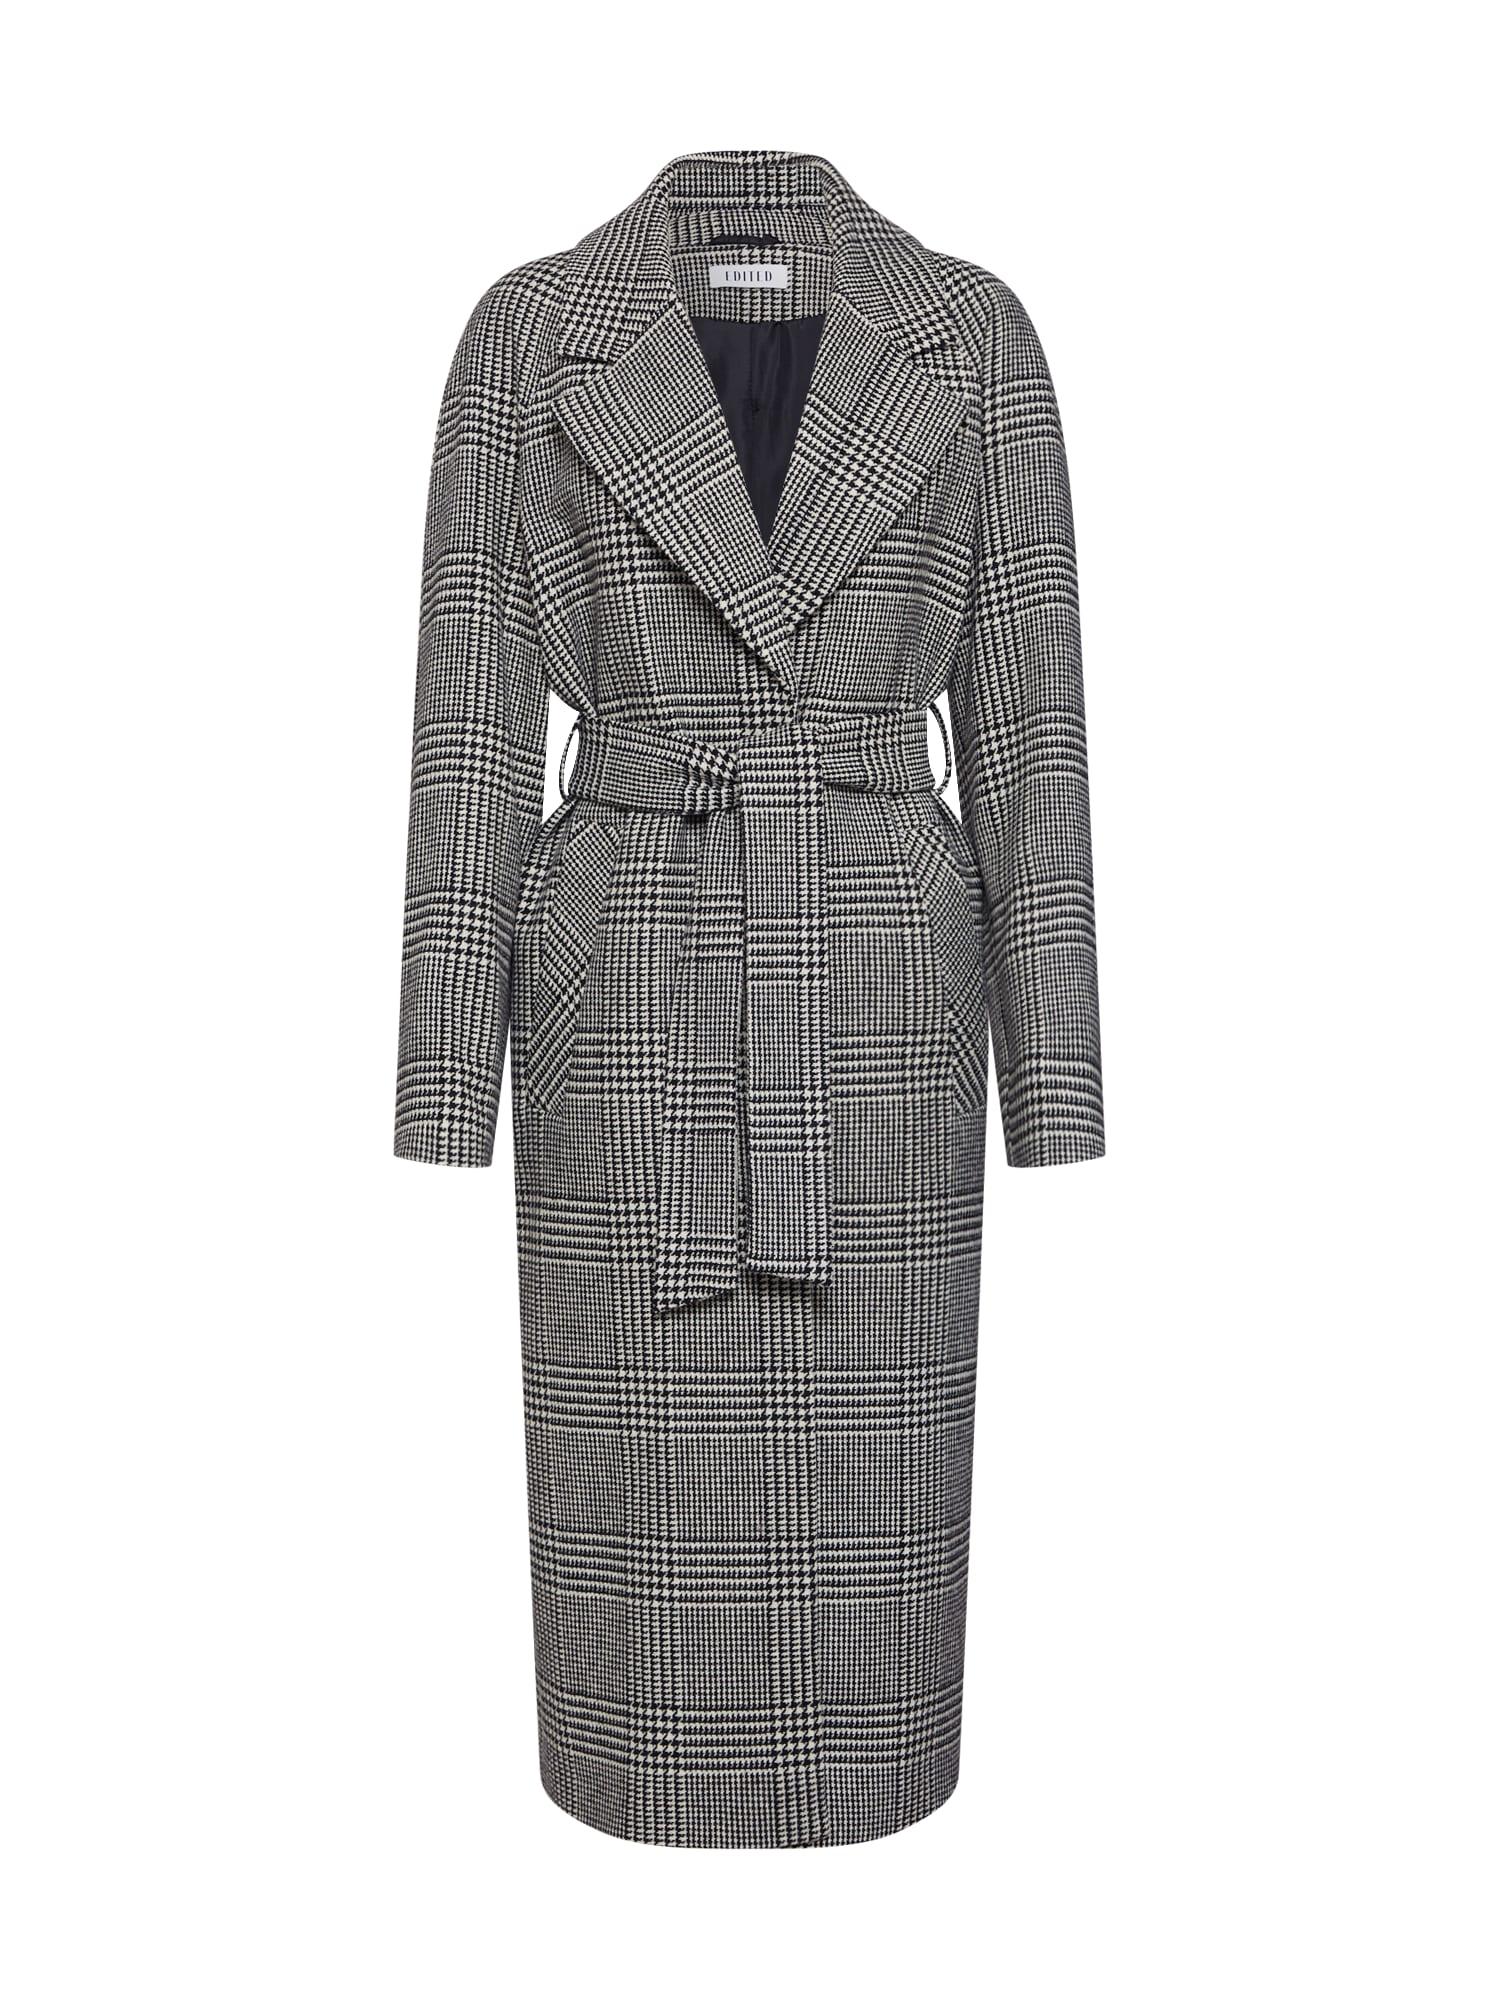 EDITED Rudeninis-žieminis paltas 'Cecilia' juoda / balta